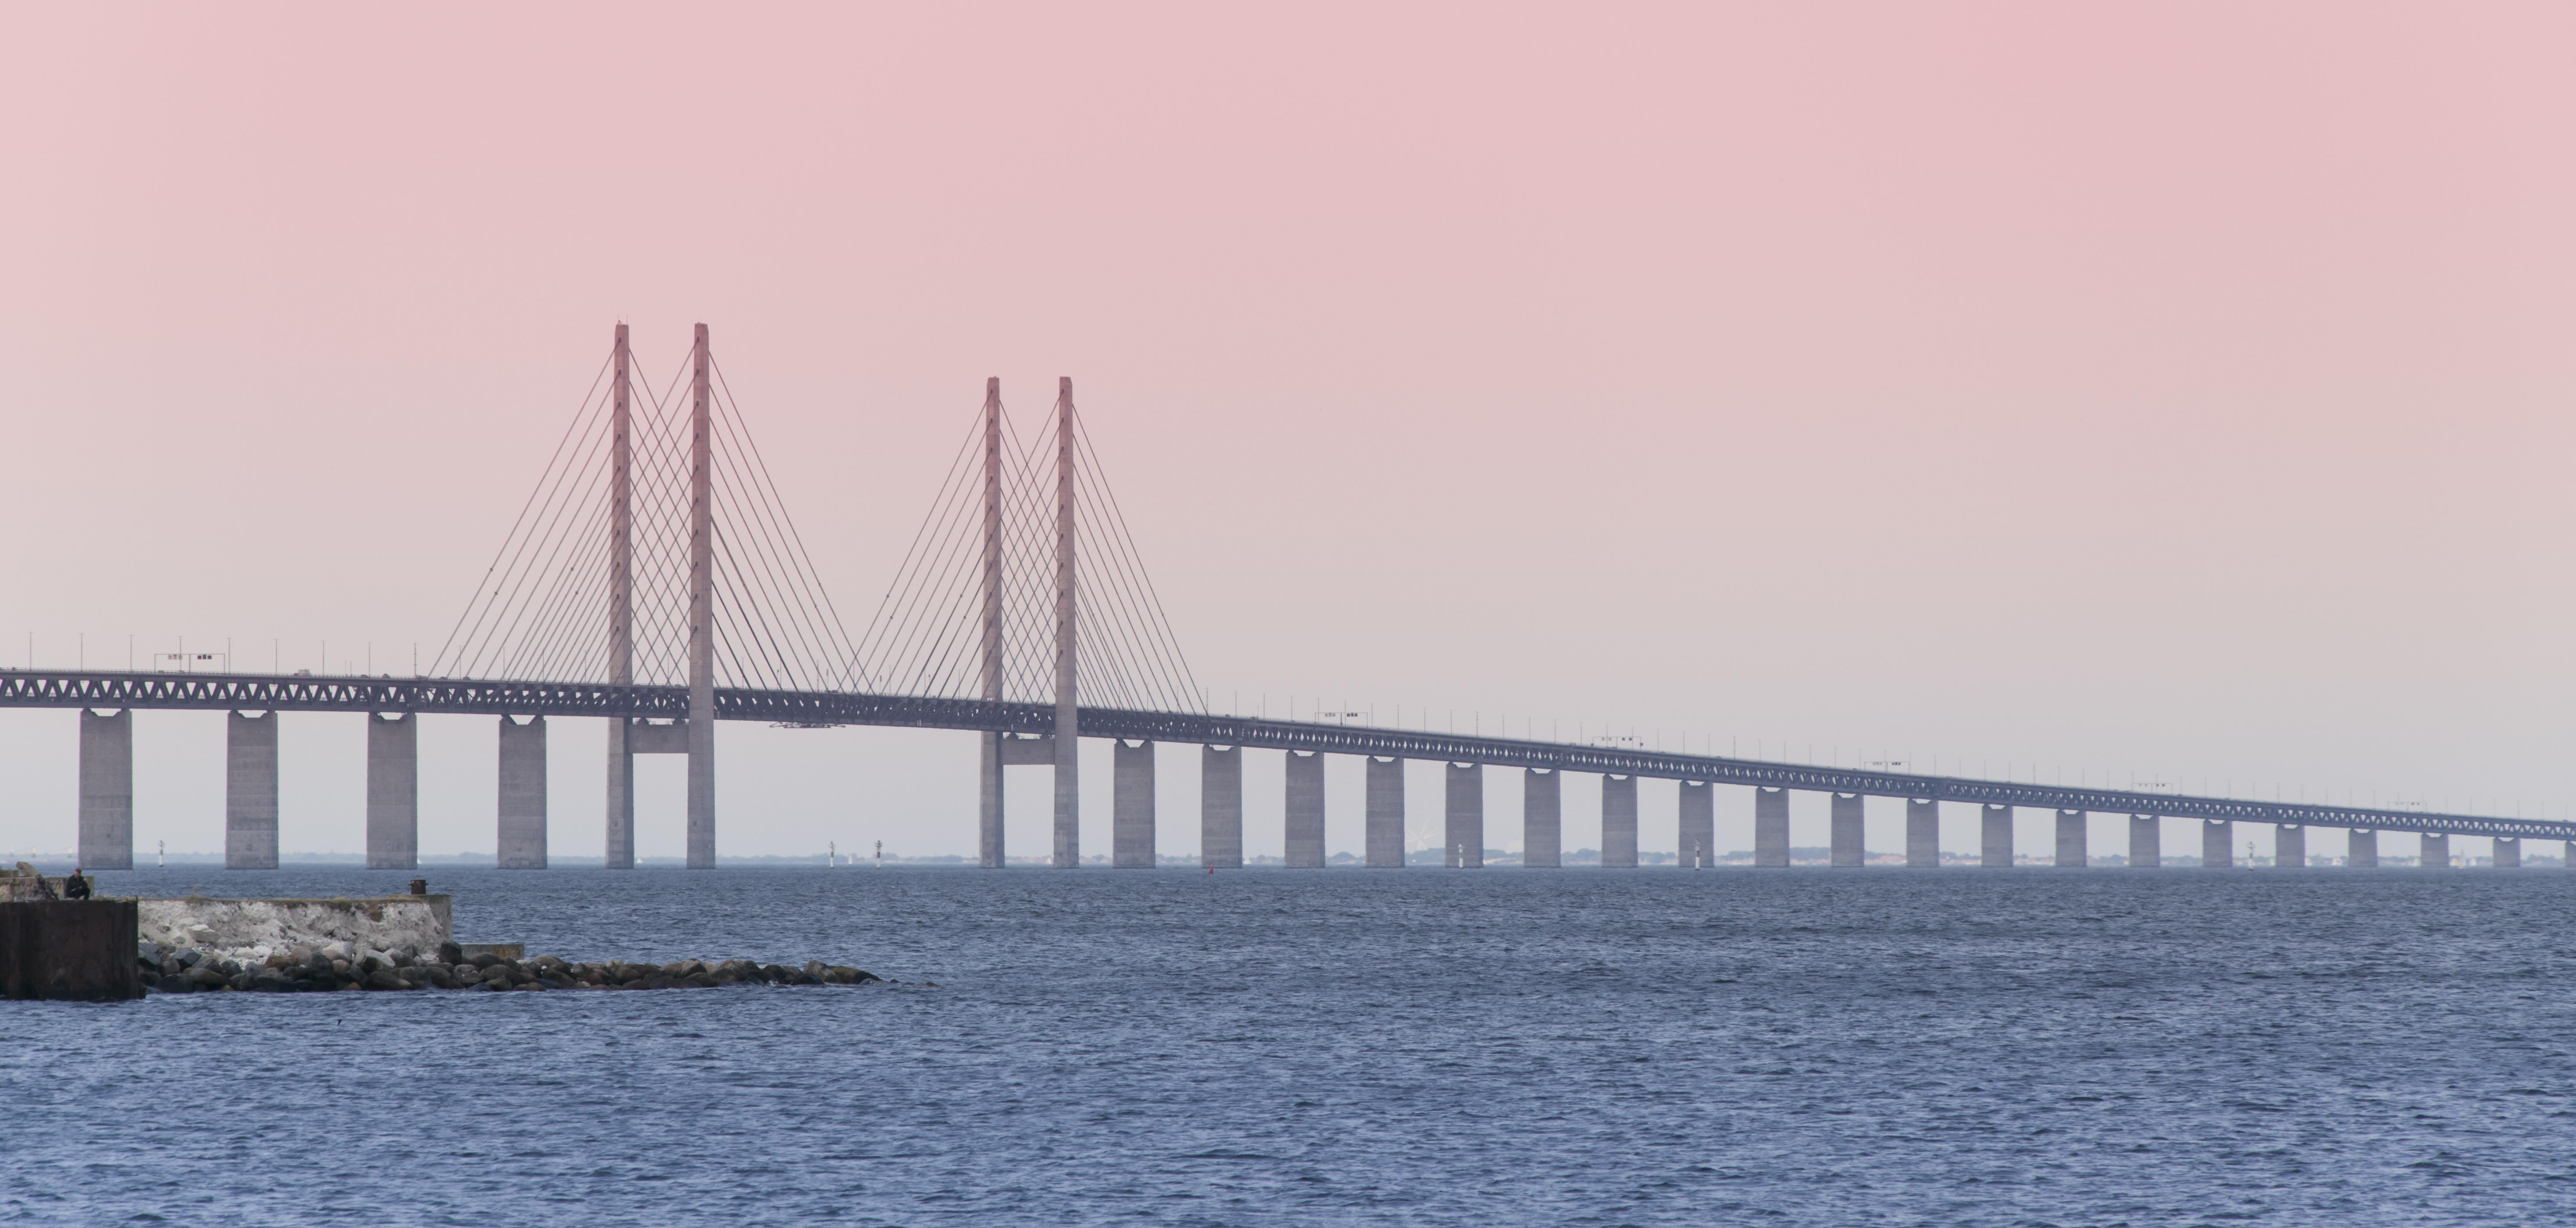 """Oresund Bridge tussen Denemarken en Zweden, bekend van de serie """"The Bridge"""""""